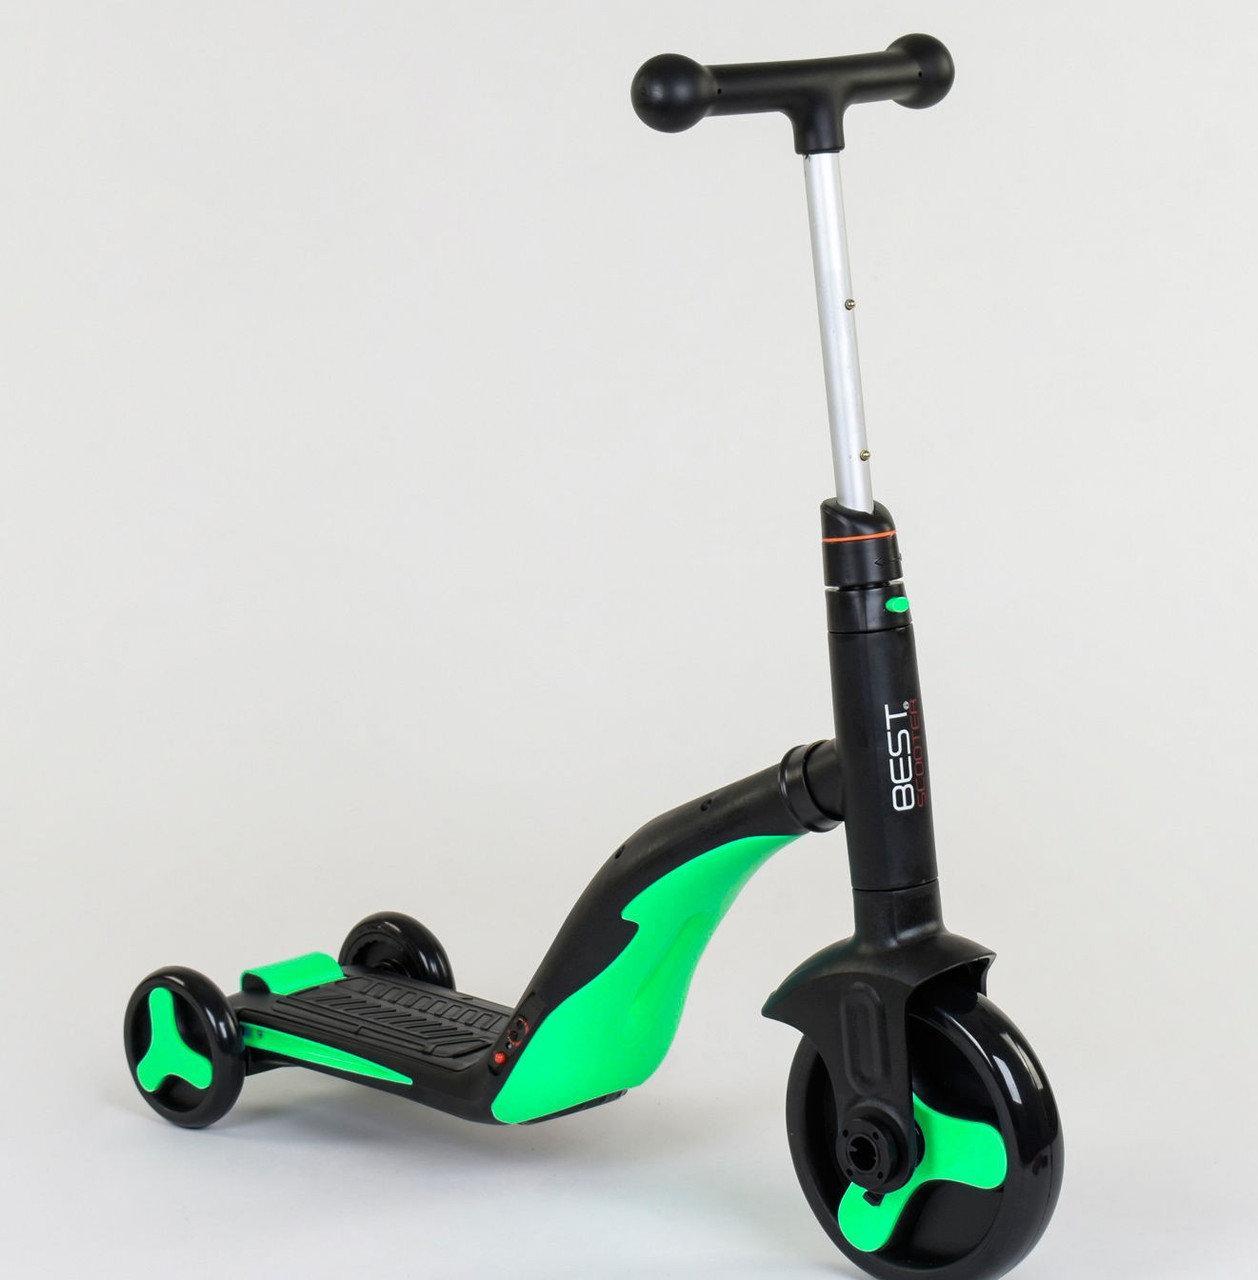 Самокат Best scooter зеленый  S868 3 в 1 с подсветкой и музыкой